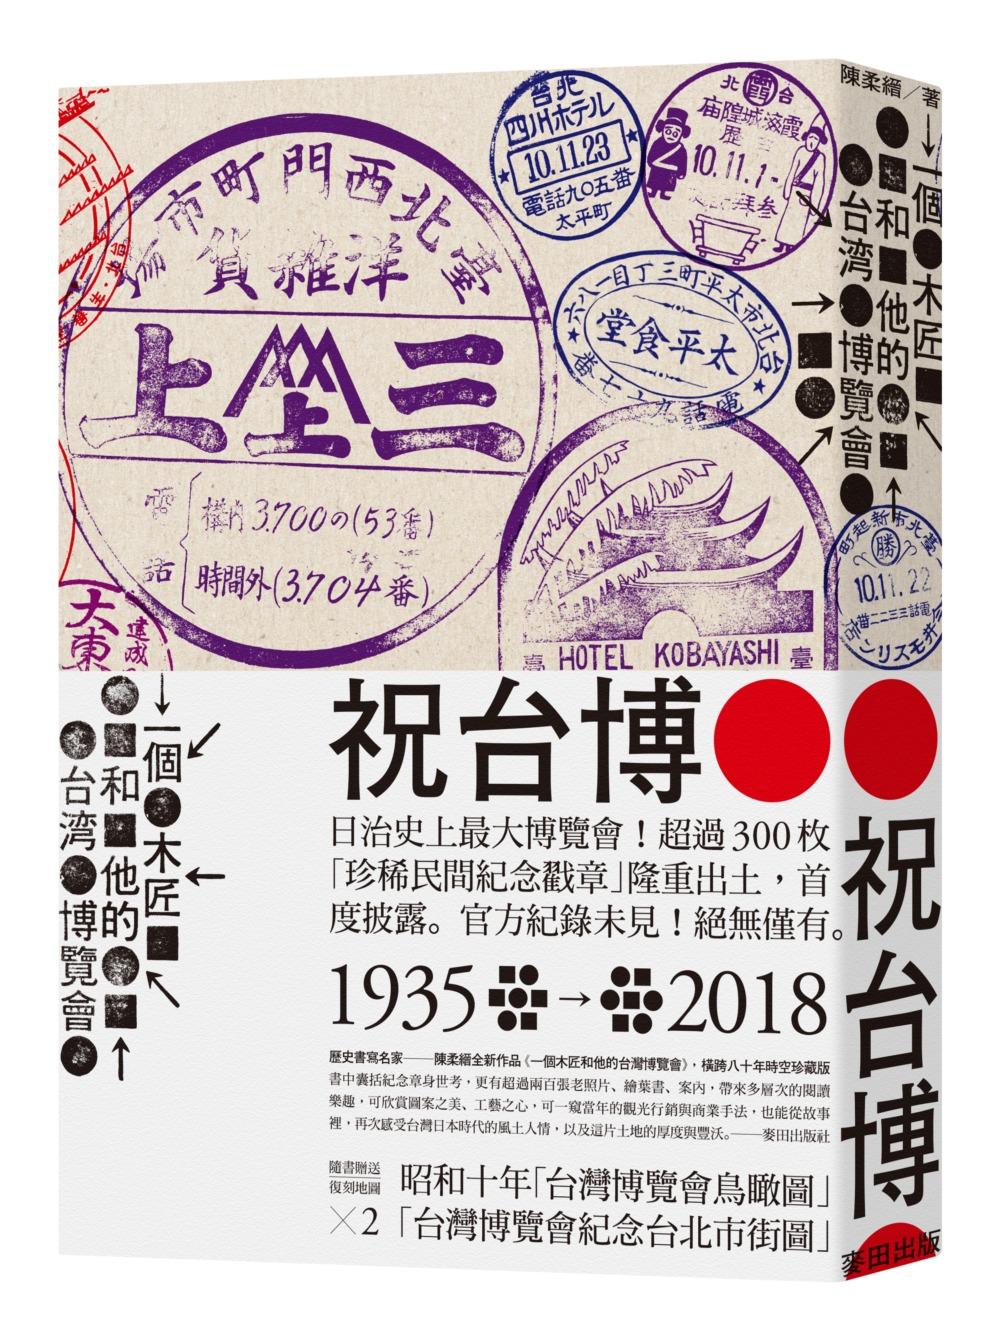 一個木匠和他的台灣博覽會(附1935年『台灣博覽會紀念台北市街圖』、『台灣博覽會鳥瞰圖』復刻版古地圖,初版紀念簽名)